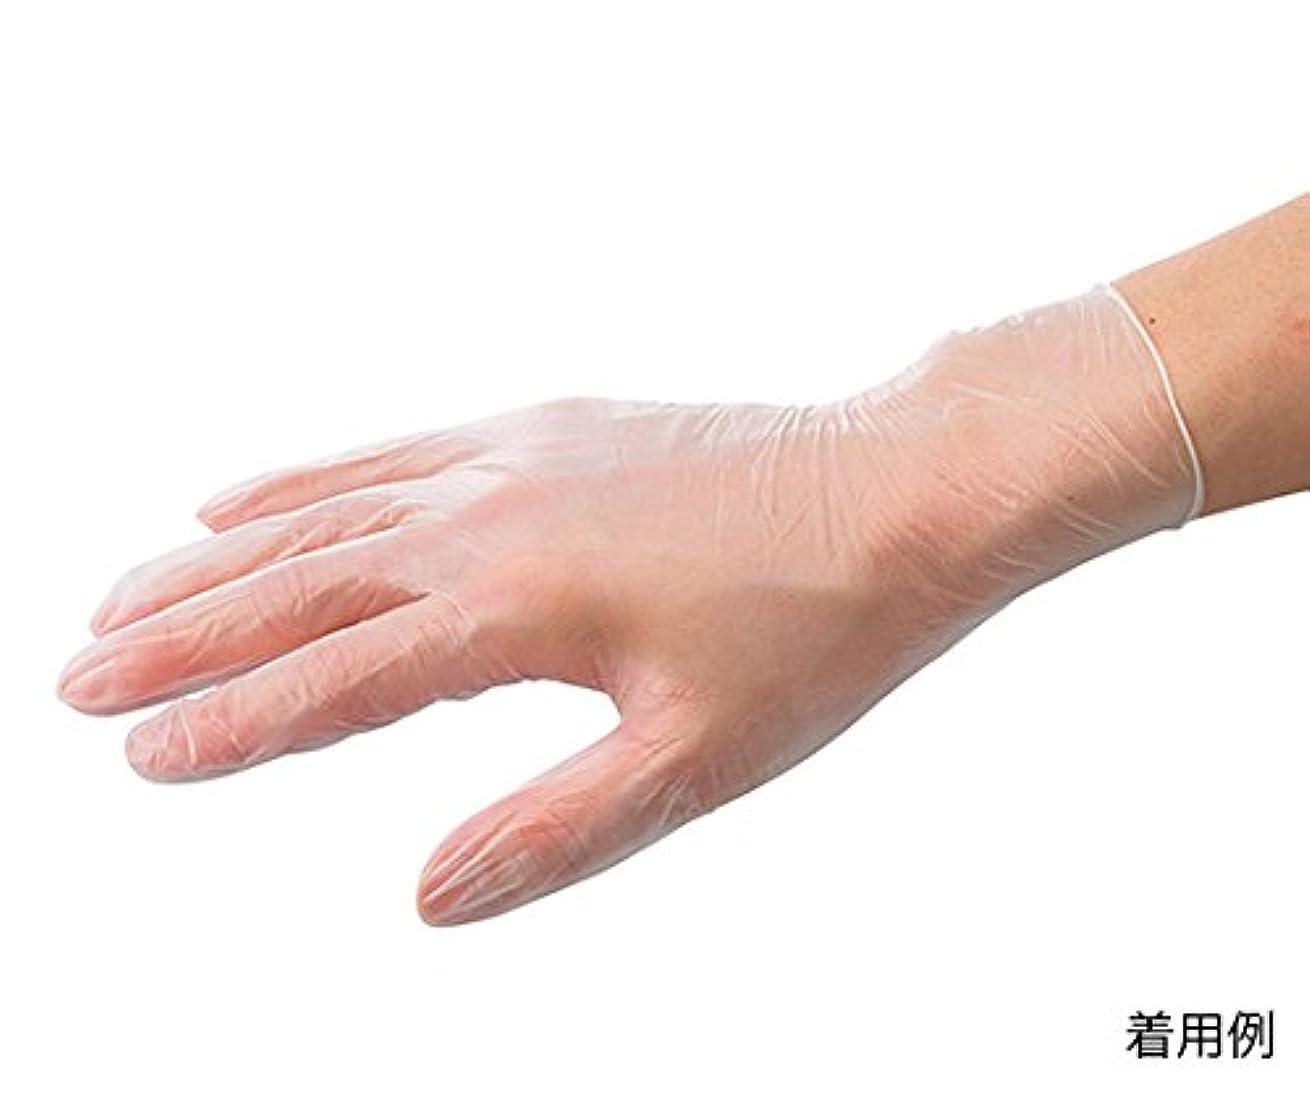 ハブブツイン再集計ARメディコム?インク?アジアリミテッド7-3727-03バイタルプラスチック手袋(パウダー付き)L150枚入